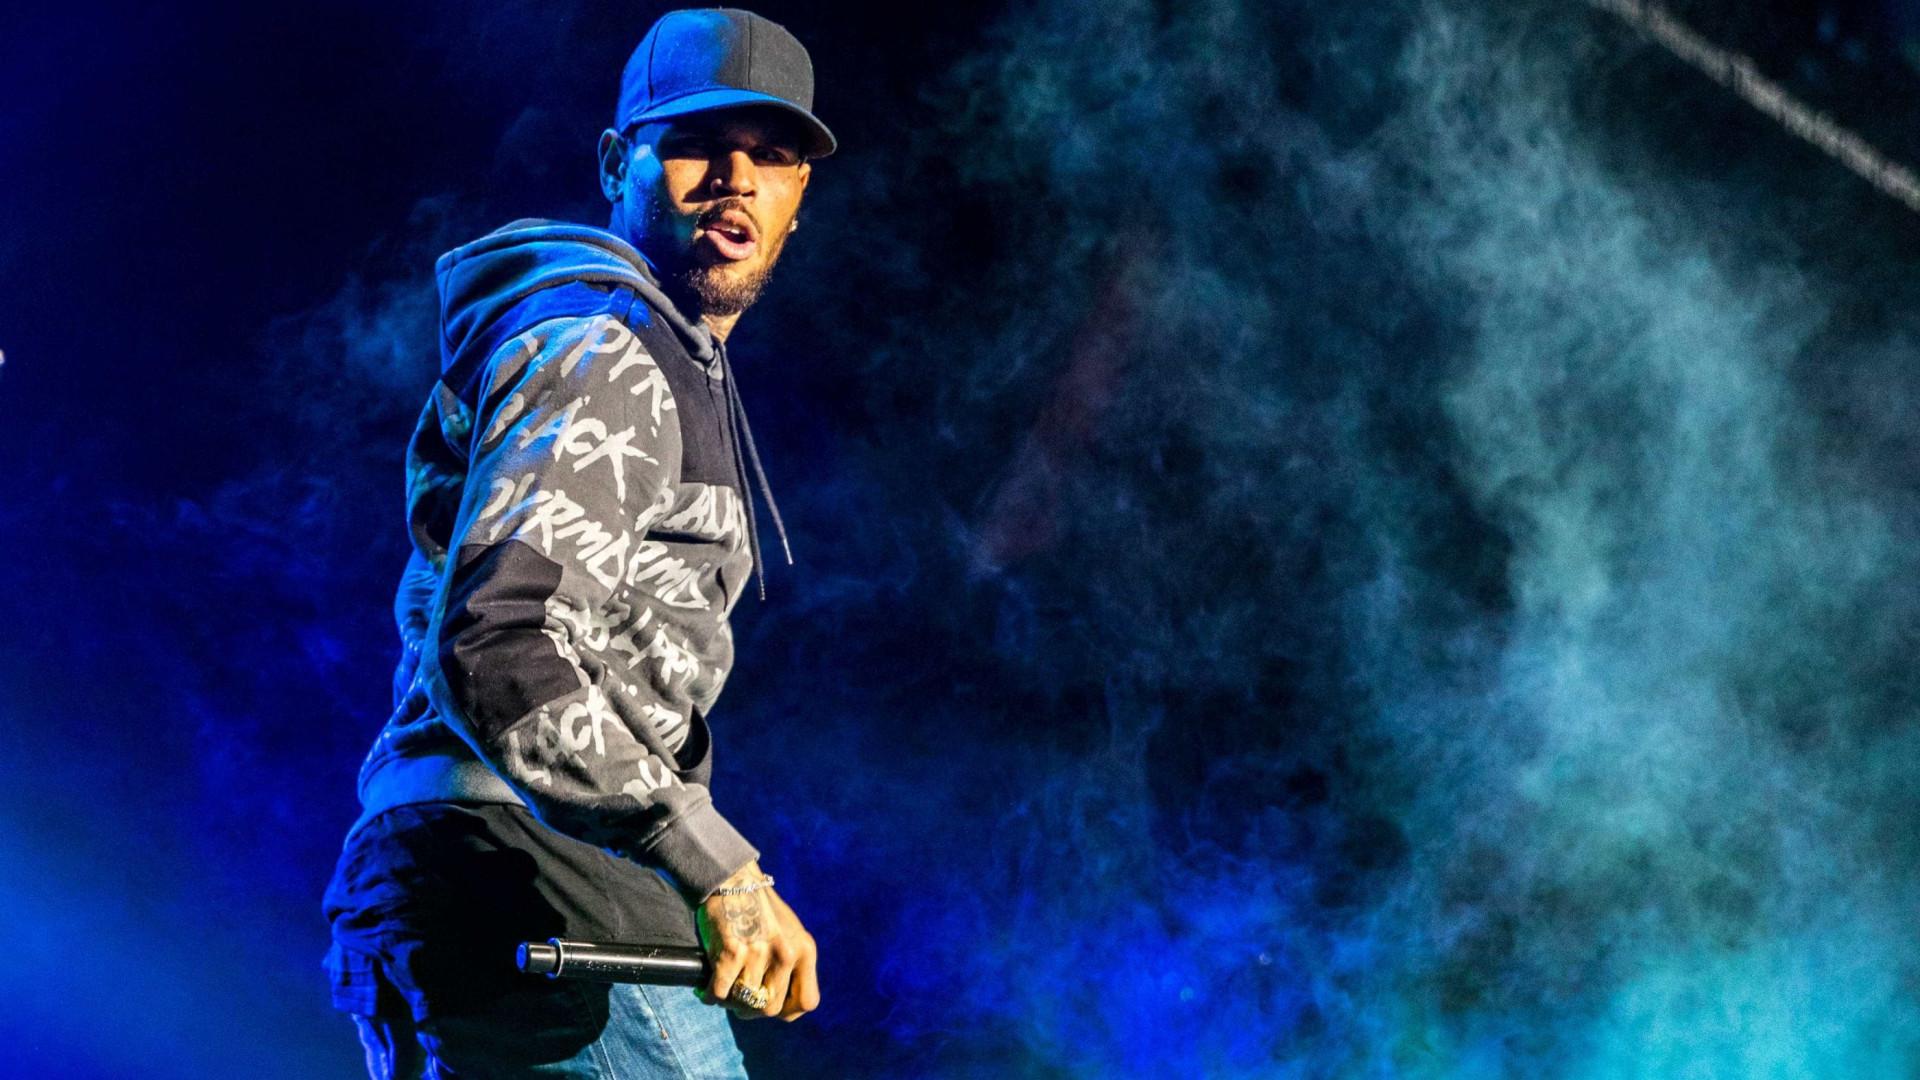 Chris Brown confirma concerto apenas dois dias depois de ser preso